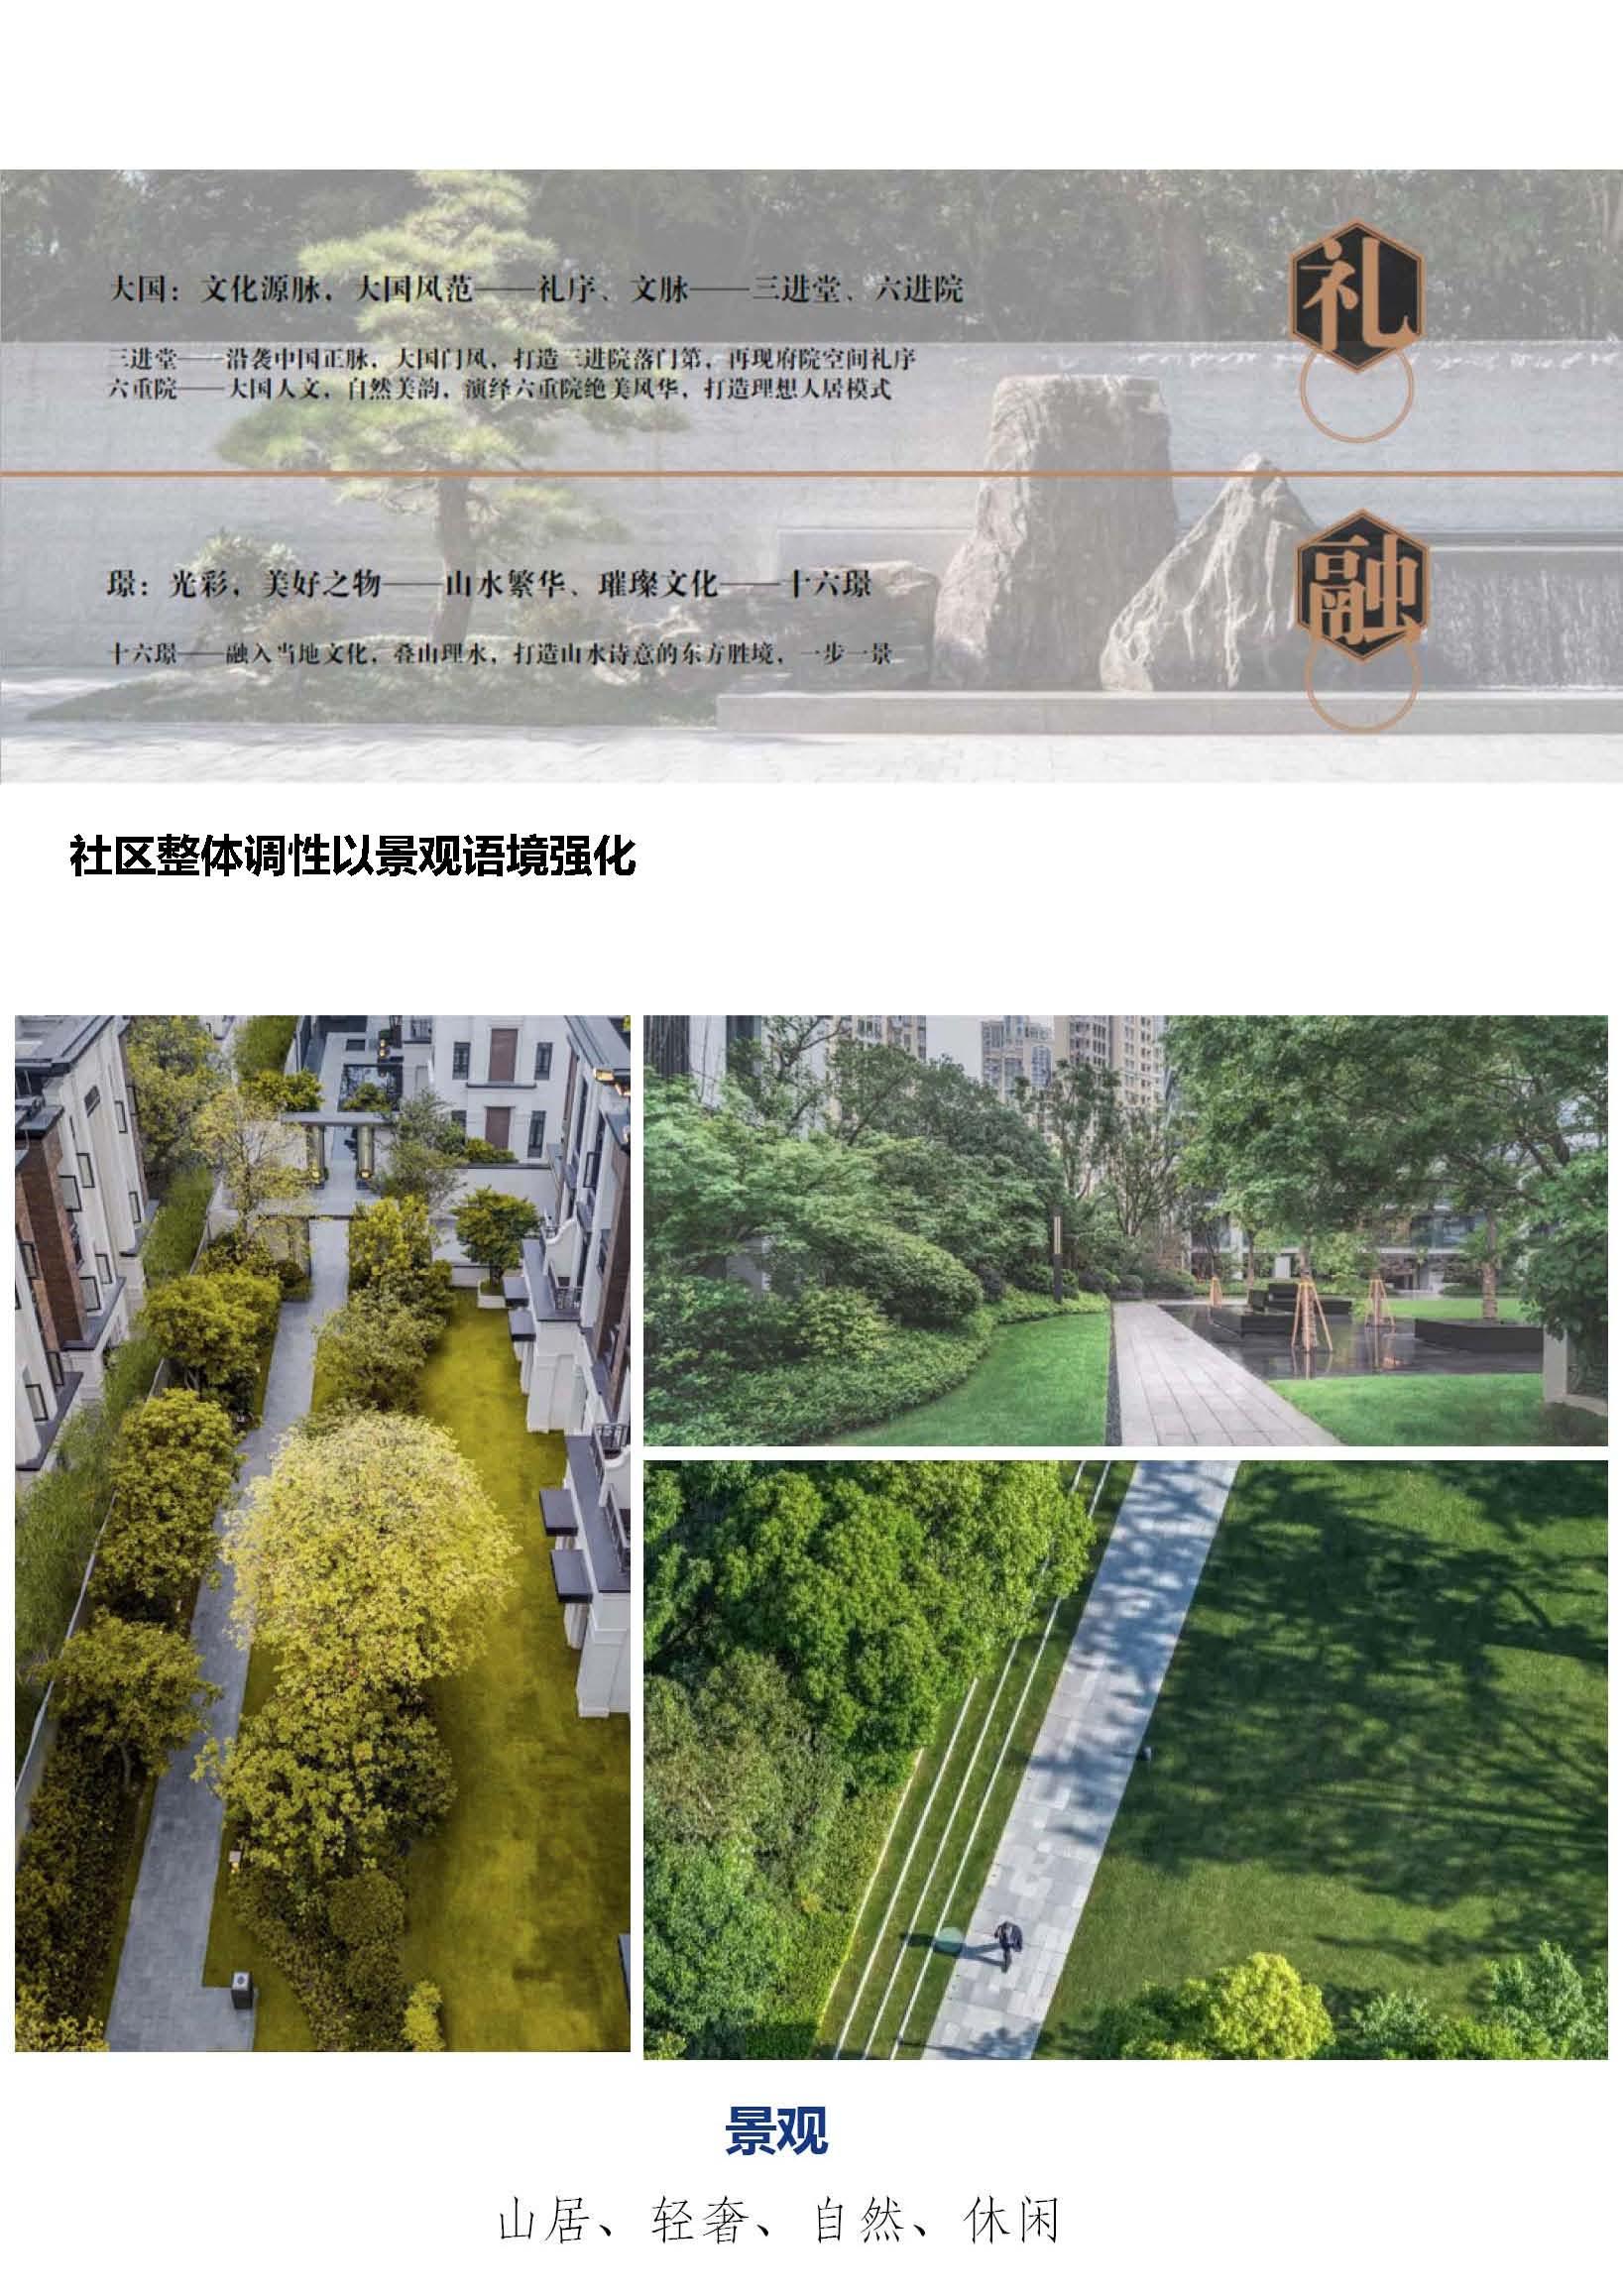 增城大国璟-金盘奖文案20201015_页面_22.jpg